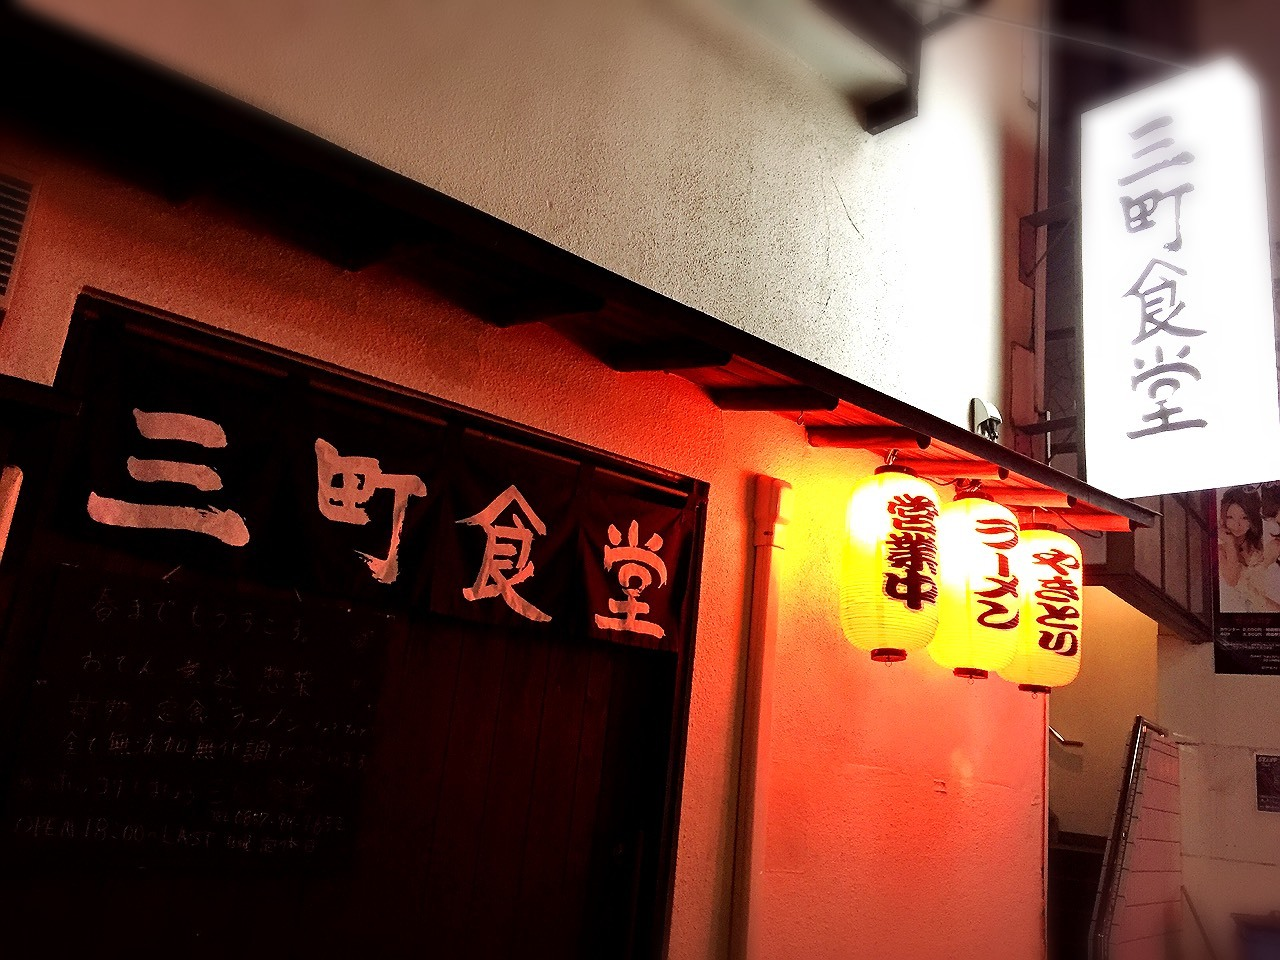 みんなのホットステーション 三町食堂_e0115904_13054710.jpg